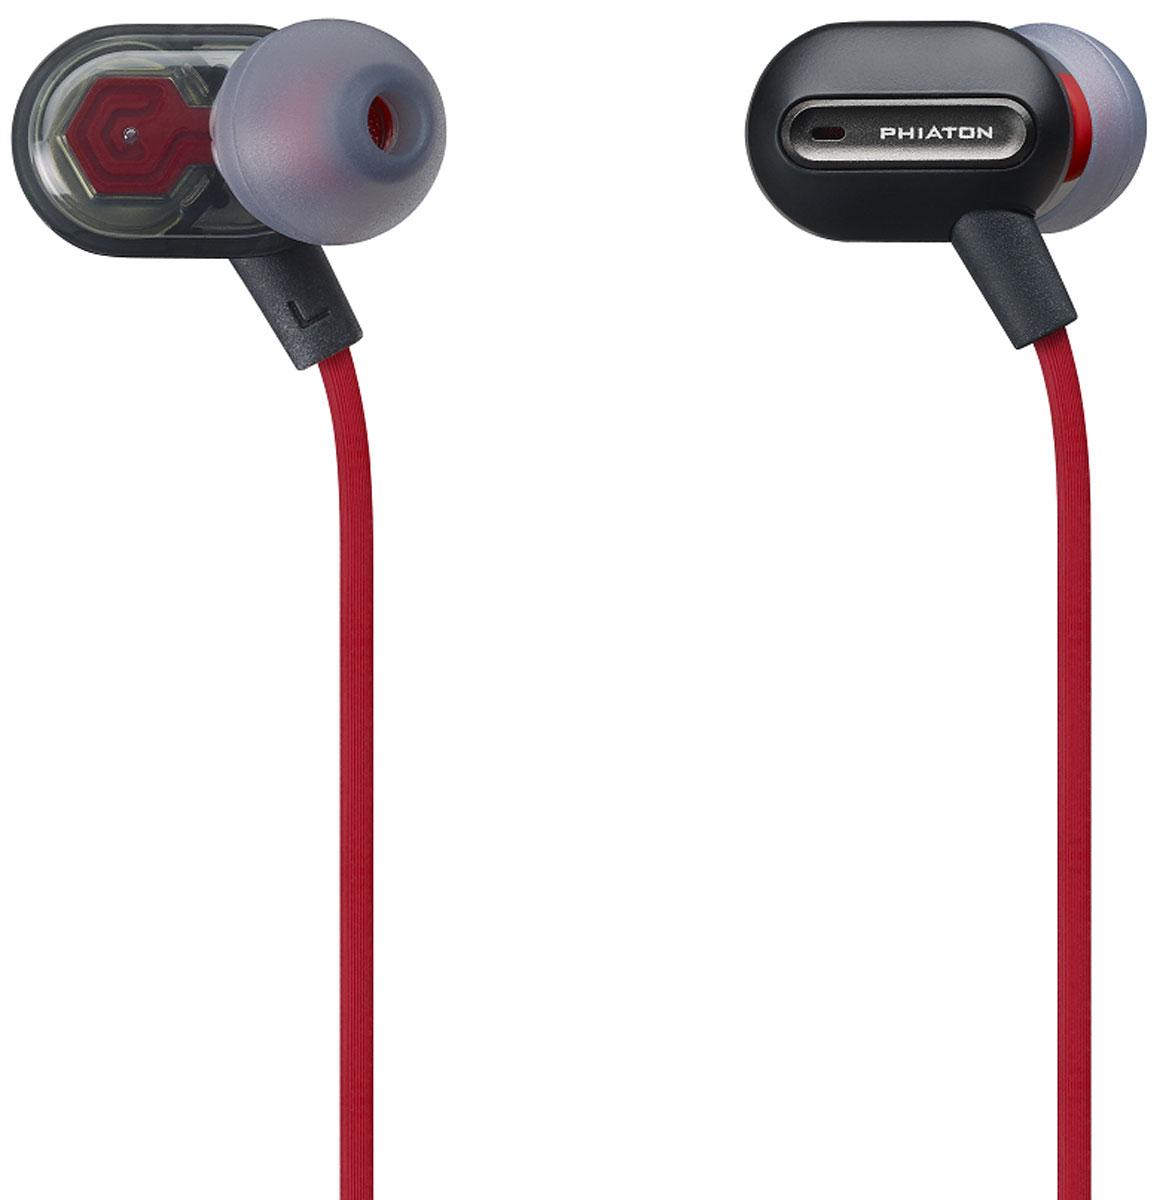 Phiaton MS300BA, Black наушники-вкладыши (PPU-BA0300BK01)PPU-BA0300BK01Наушники Phiaton МС300BA имеют удобную форму, поэтому идеально сидят в ушах. Они обладают чистой передачей звука и глубокими басами. Текстурированный кабель позволяет минимизировать спутывание наушников. Phiaton МС300BA оснащены встроенным пультом ДУ и микрофоном, что позволяет вам управлять телефонными звонками.